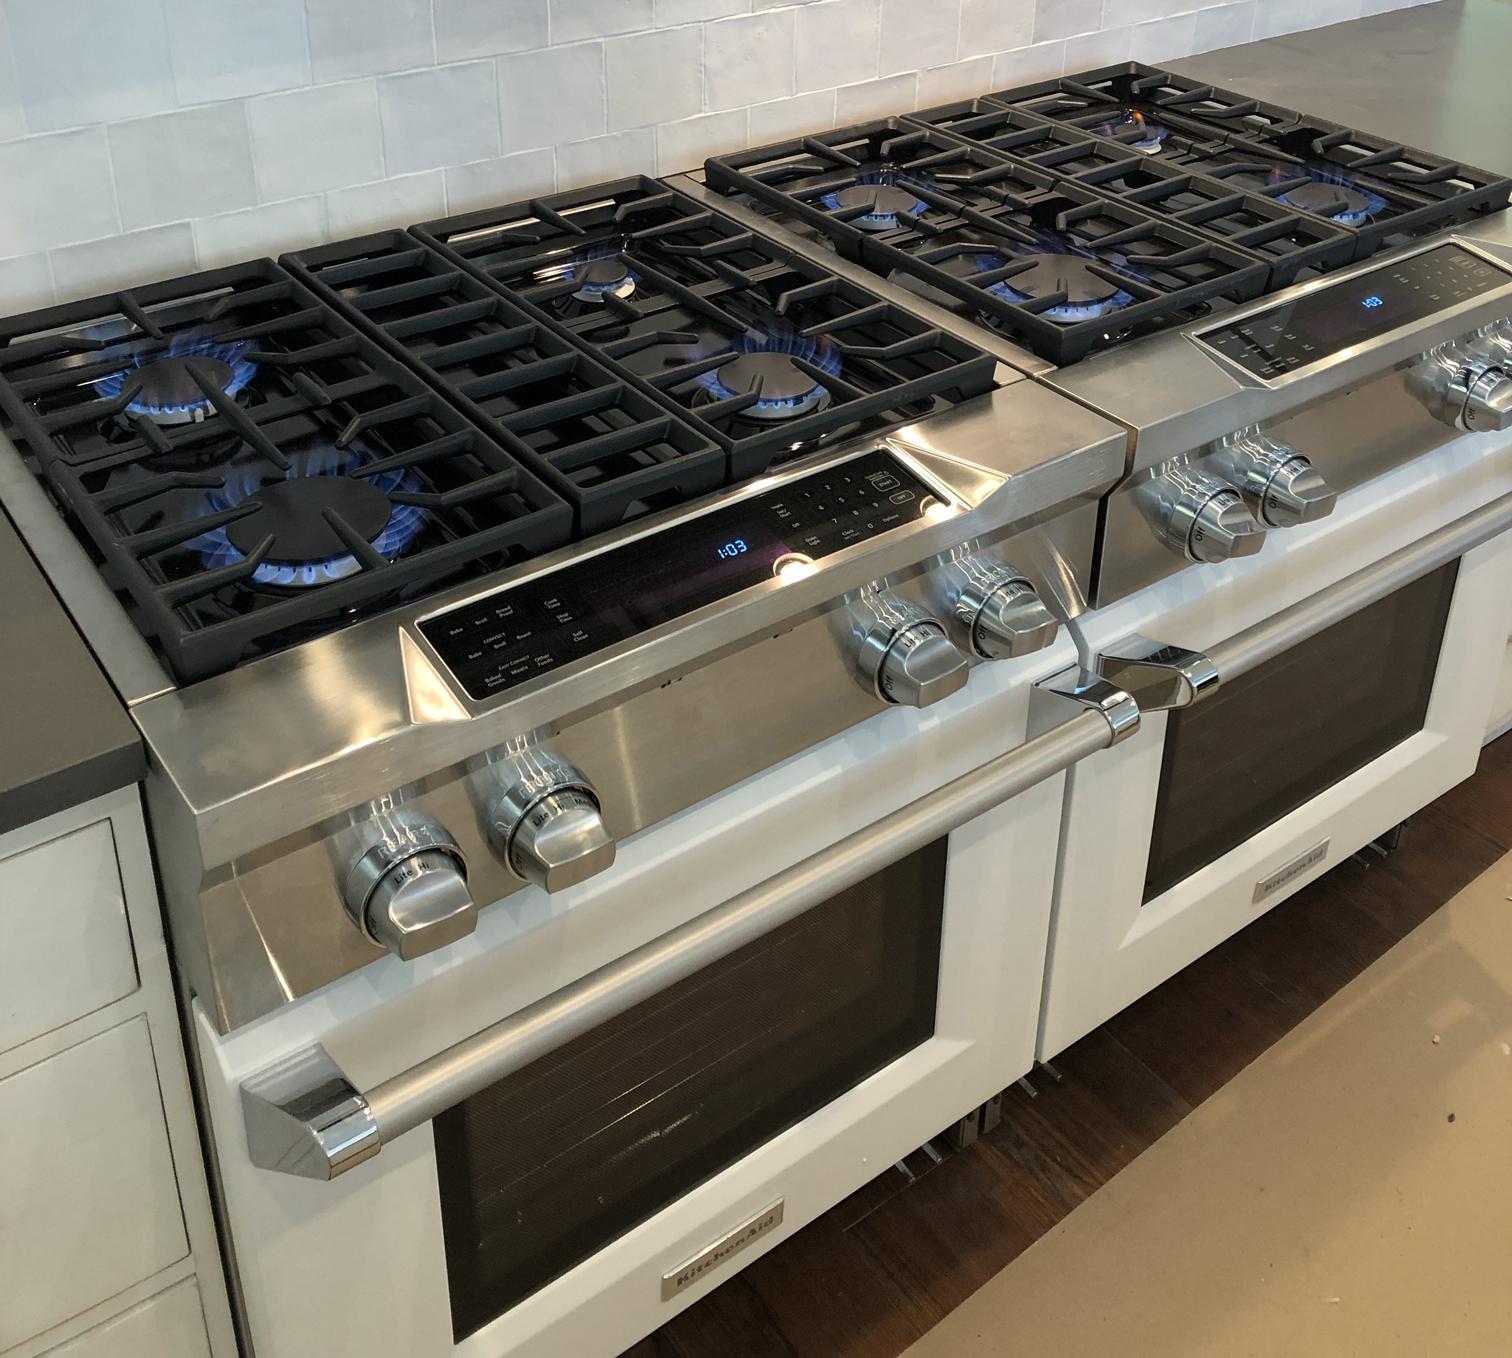 damsgaard-plumbing-gasfitting-gas-cooker-sechelt-gibsons